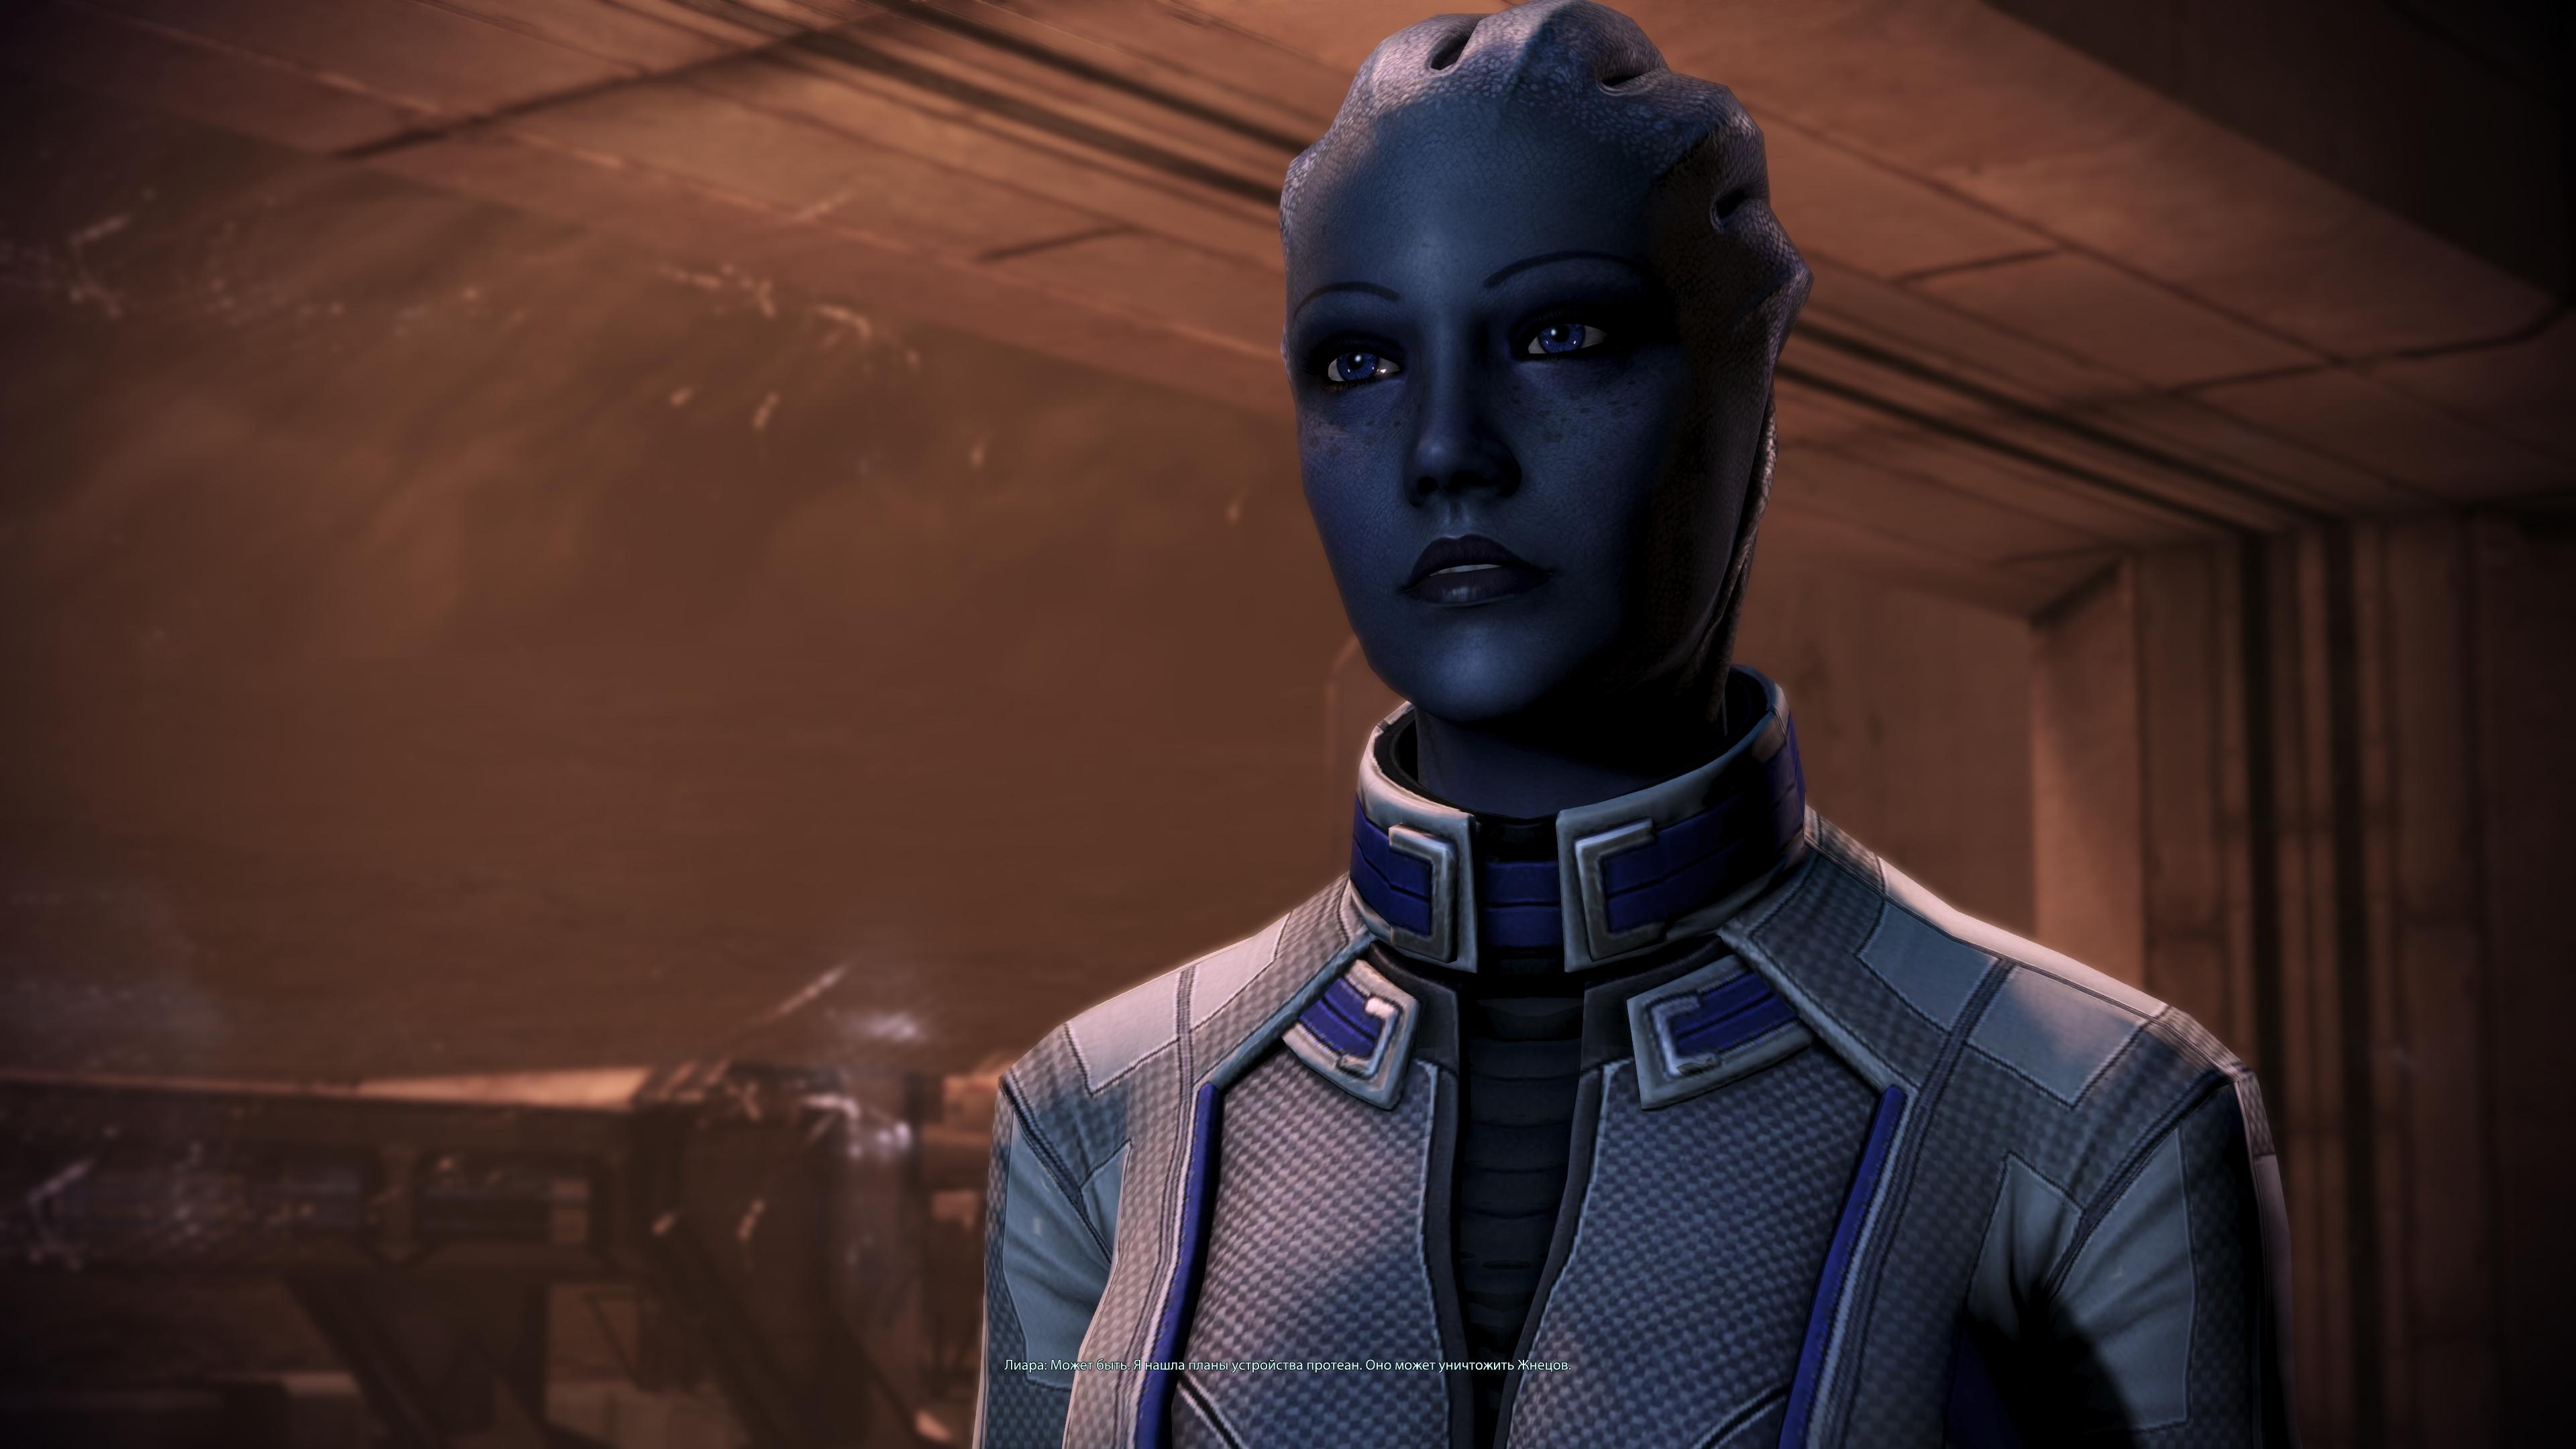 Mass Effect 3 Screenshot 2019.01.11 - 07.33.17.jpg - Mass Effect 3